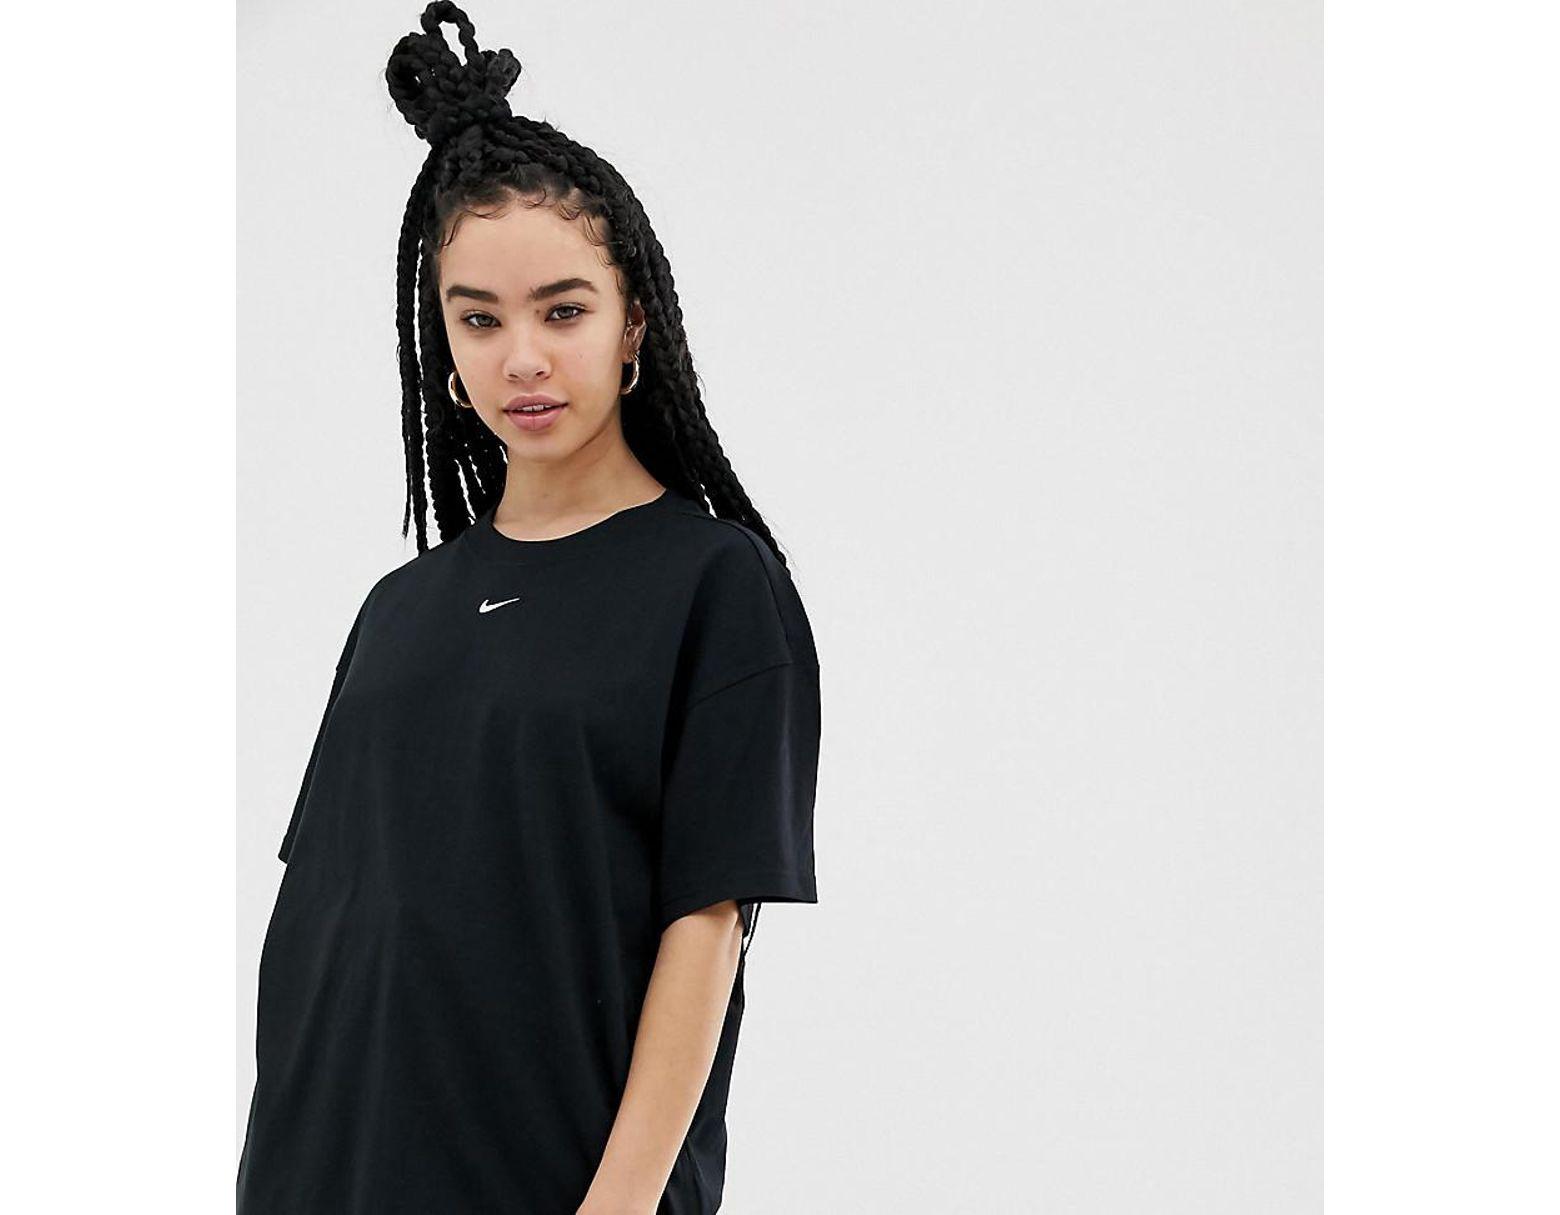 ee70405fb Nike Black Oversized Boyfriend T-shirt in Black - Lyst